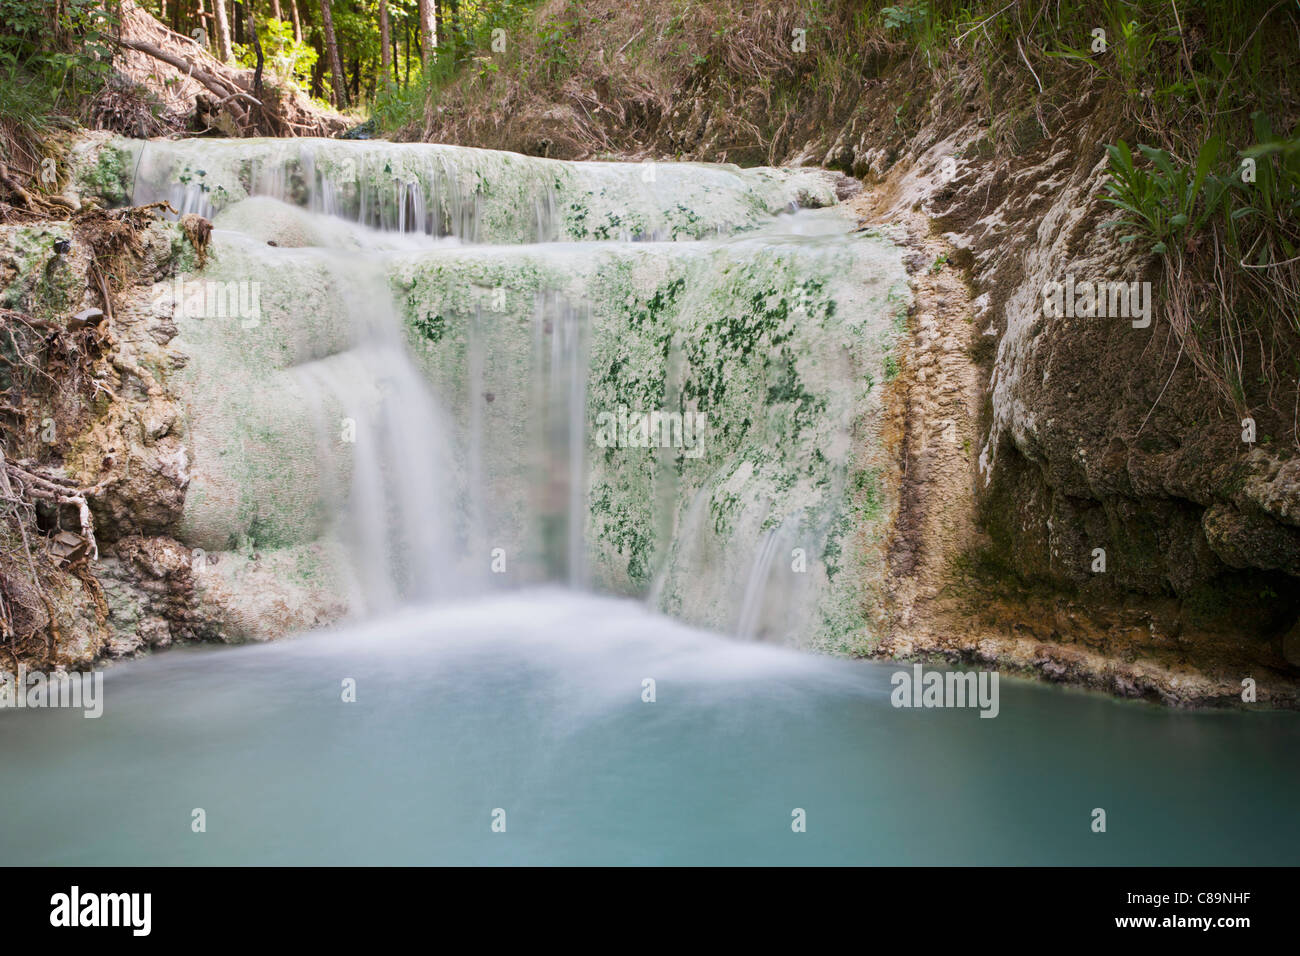 Bagni san filippo stockfotos bagni san filippo bilder alamy